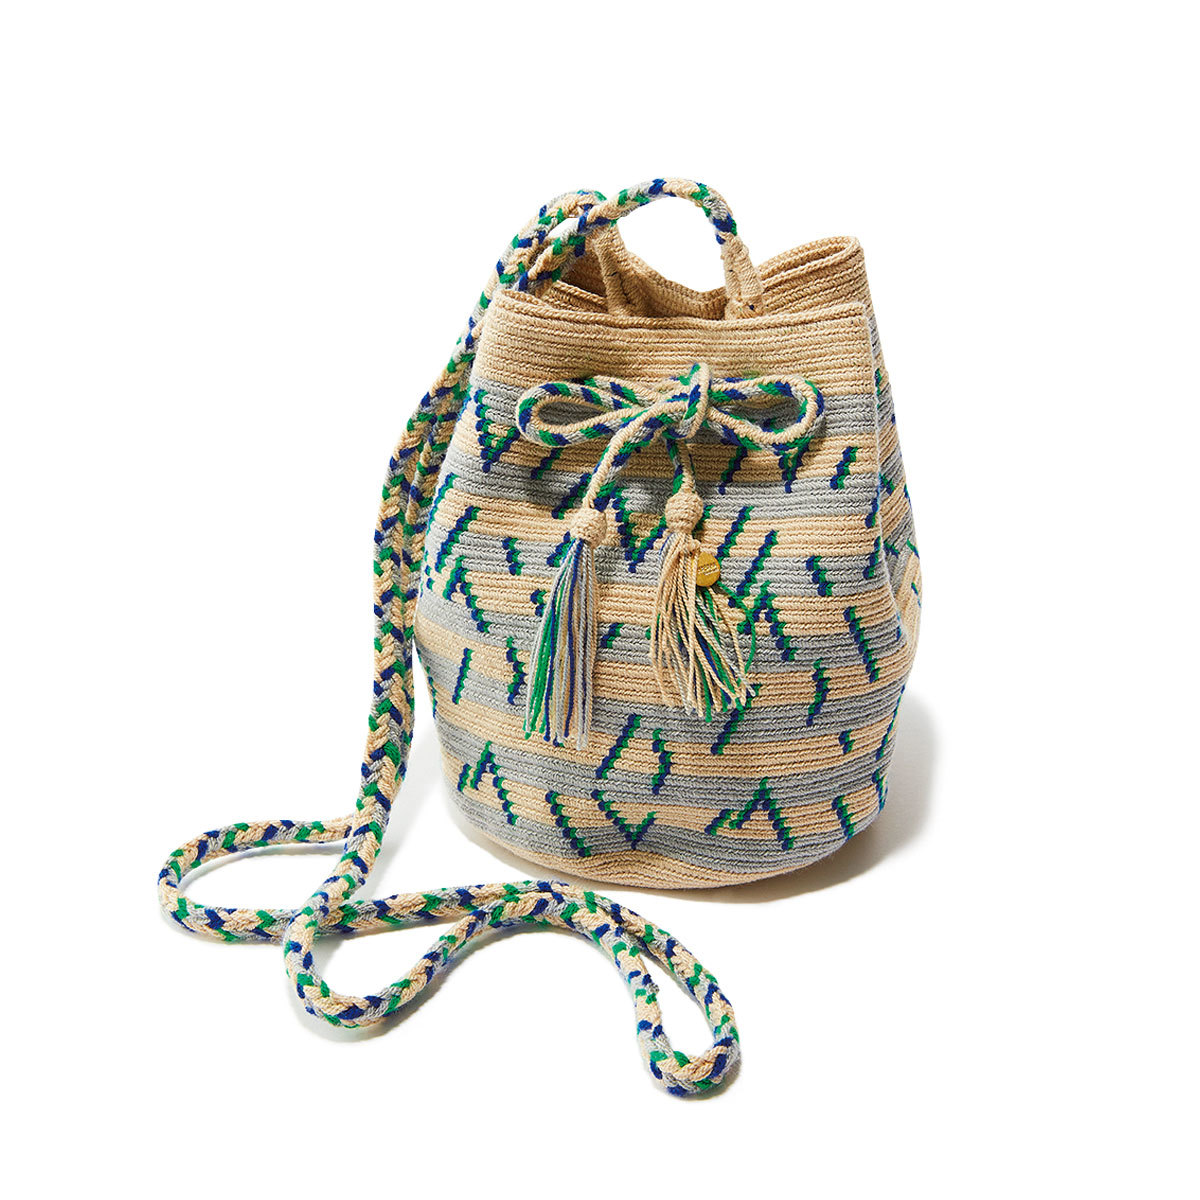 夏に映える小物&洗練小ぶりバッグ【おしゃれプロの「これ買っちゃいました!」】_1_1-5